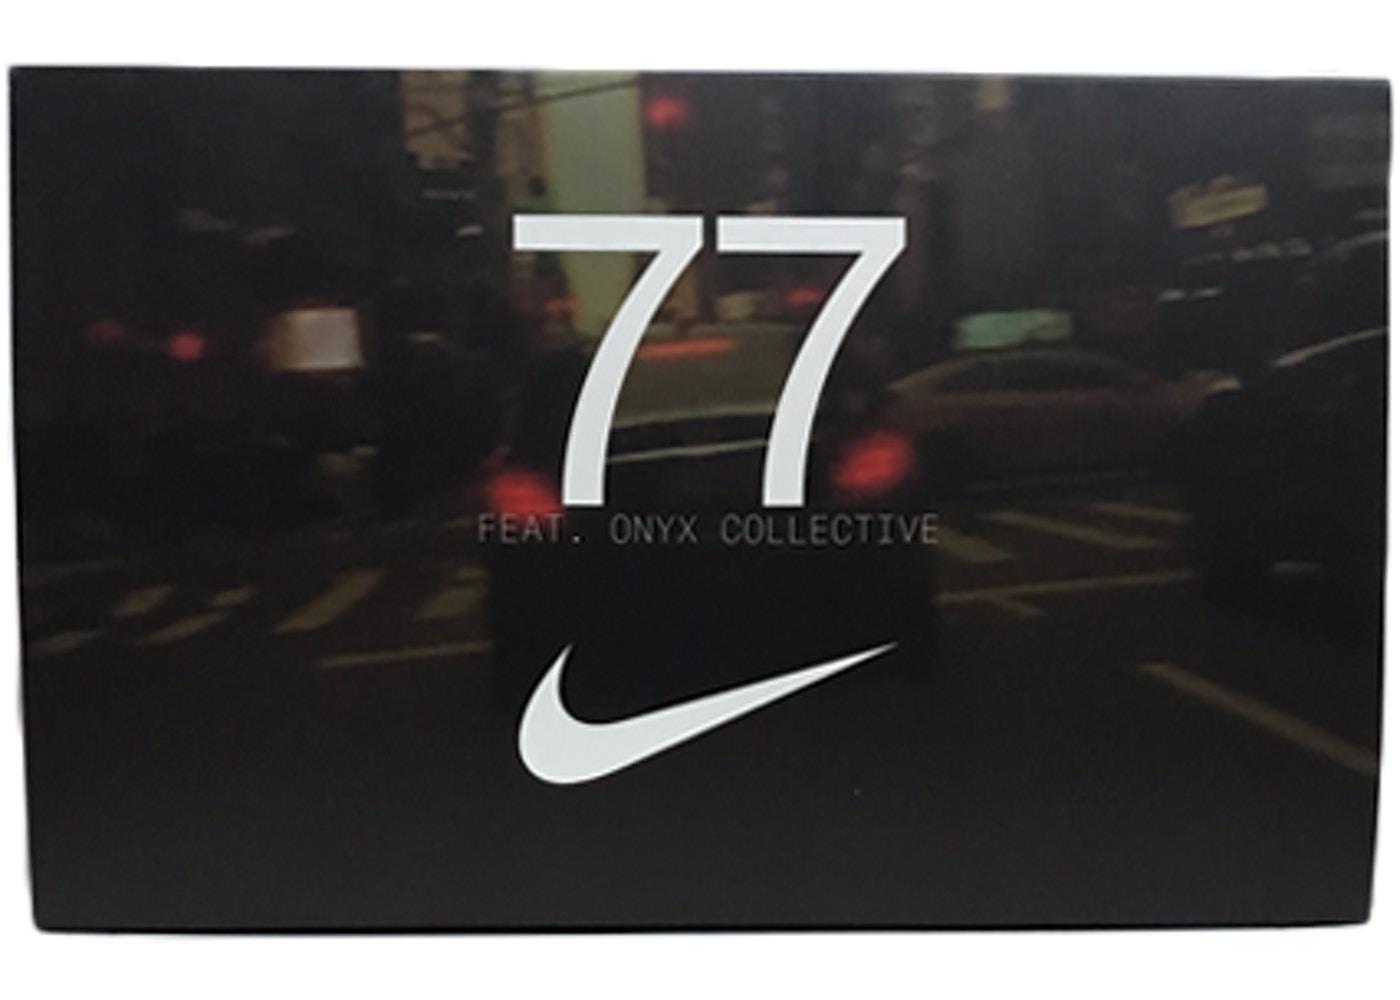 【あすつく】 ナイキ NIKE ブレーザー ブレイザー ミッド ビンテージ ヴィンテージ ジャム ボックス スニーカー 【 VINTAGE BLAZER MID 77 SLAM JAM SPECIAL BOX AND ACCESSORIES WHITE BLACK 】 メンズ 送料無料, 食器&美容雑貨のボンドストリート 6c793935